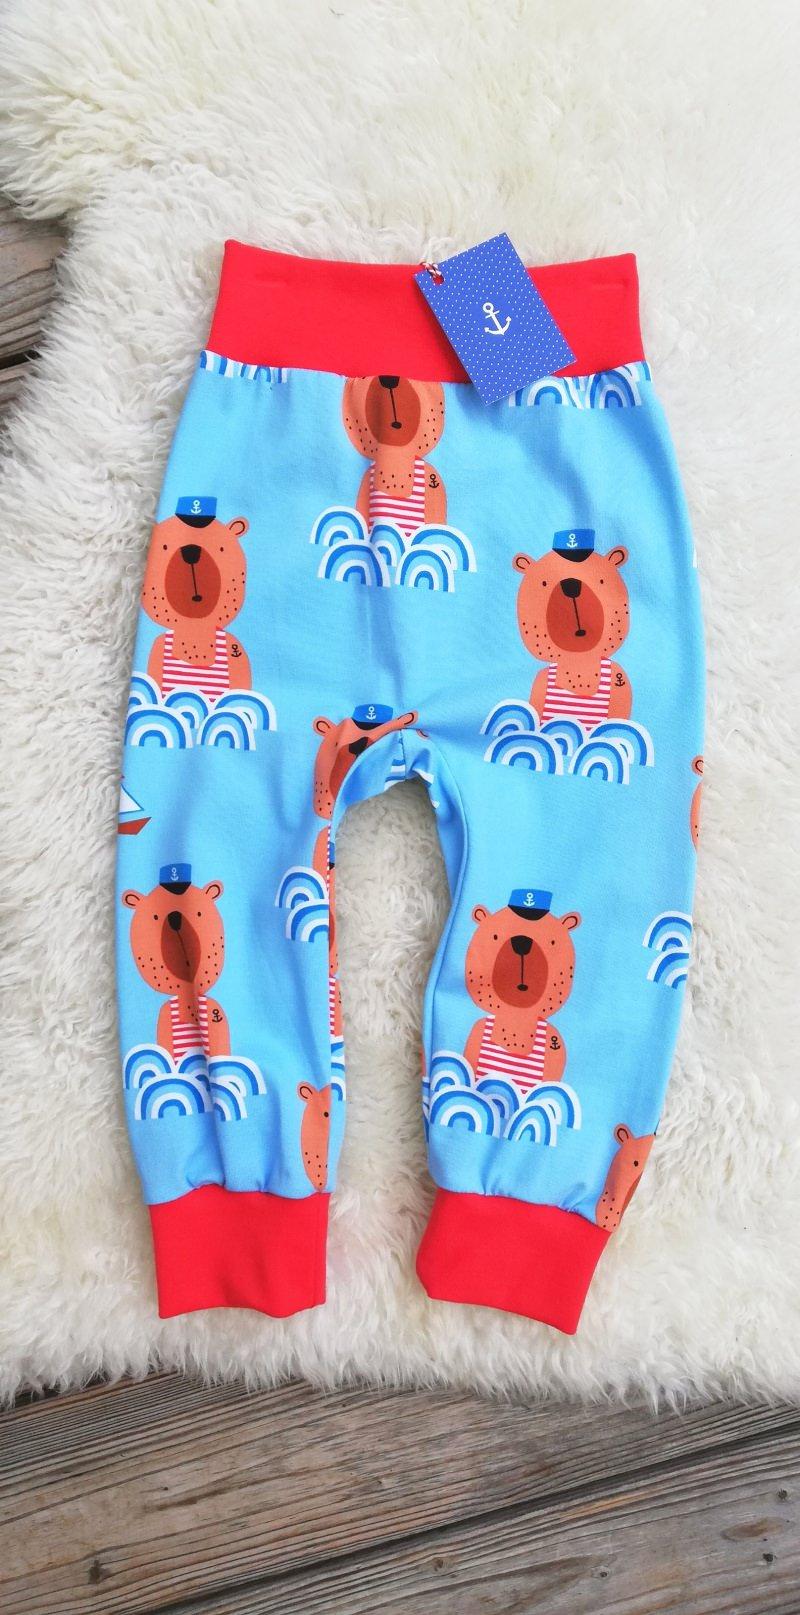 - Baby Hose Seebär♥maritime Pumphose aus Jersey Größe 62/68♥handgenähte Hose hellblau für Babys  - Baby Hose Seebär♥maritime Pumphose aus Jersey Größe 62/68♥handgenähte Hose hellblau für Babys